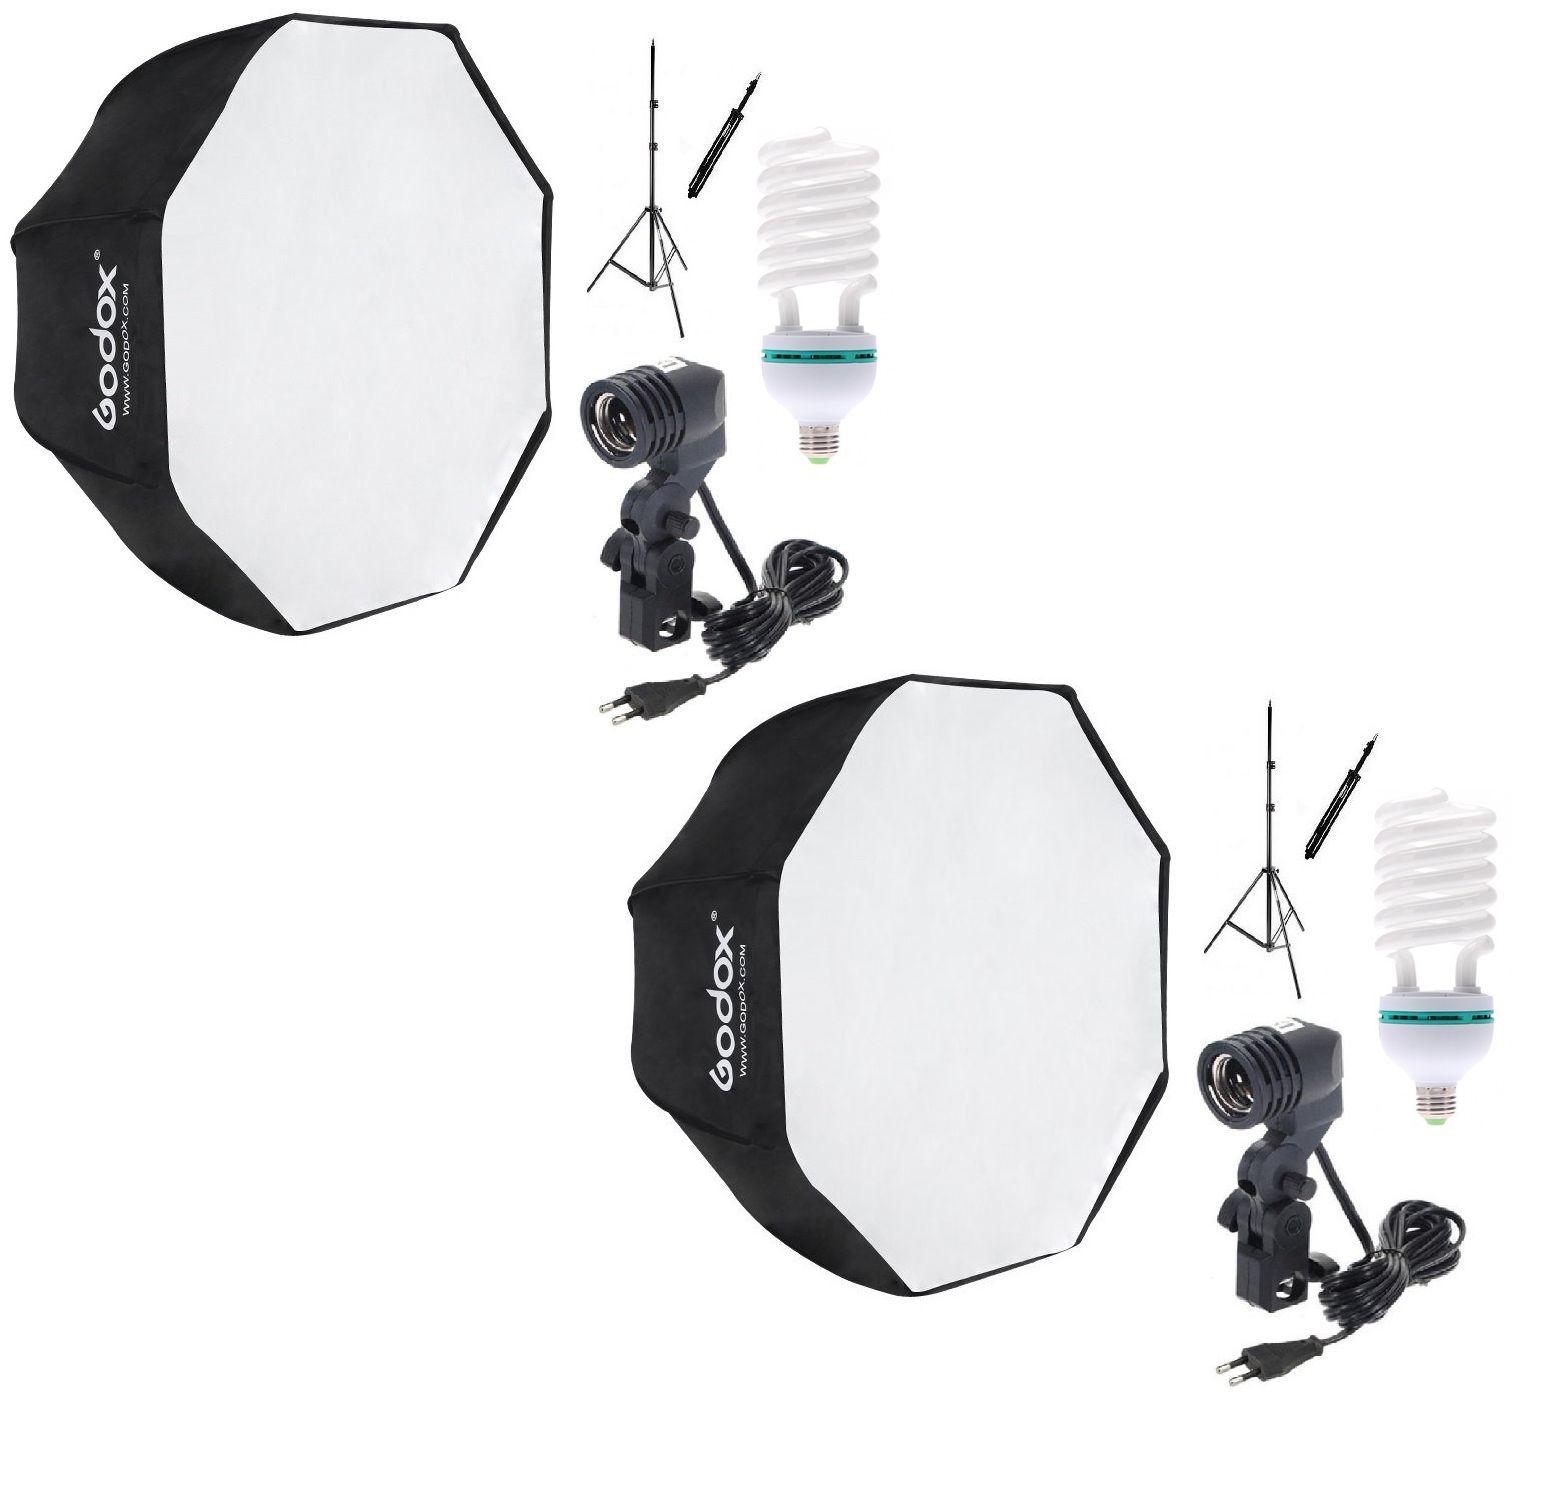 2 Kit Soft Octagonal 80cm + Tripé + Soquete Único C/ Lâmpada 270W